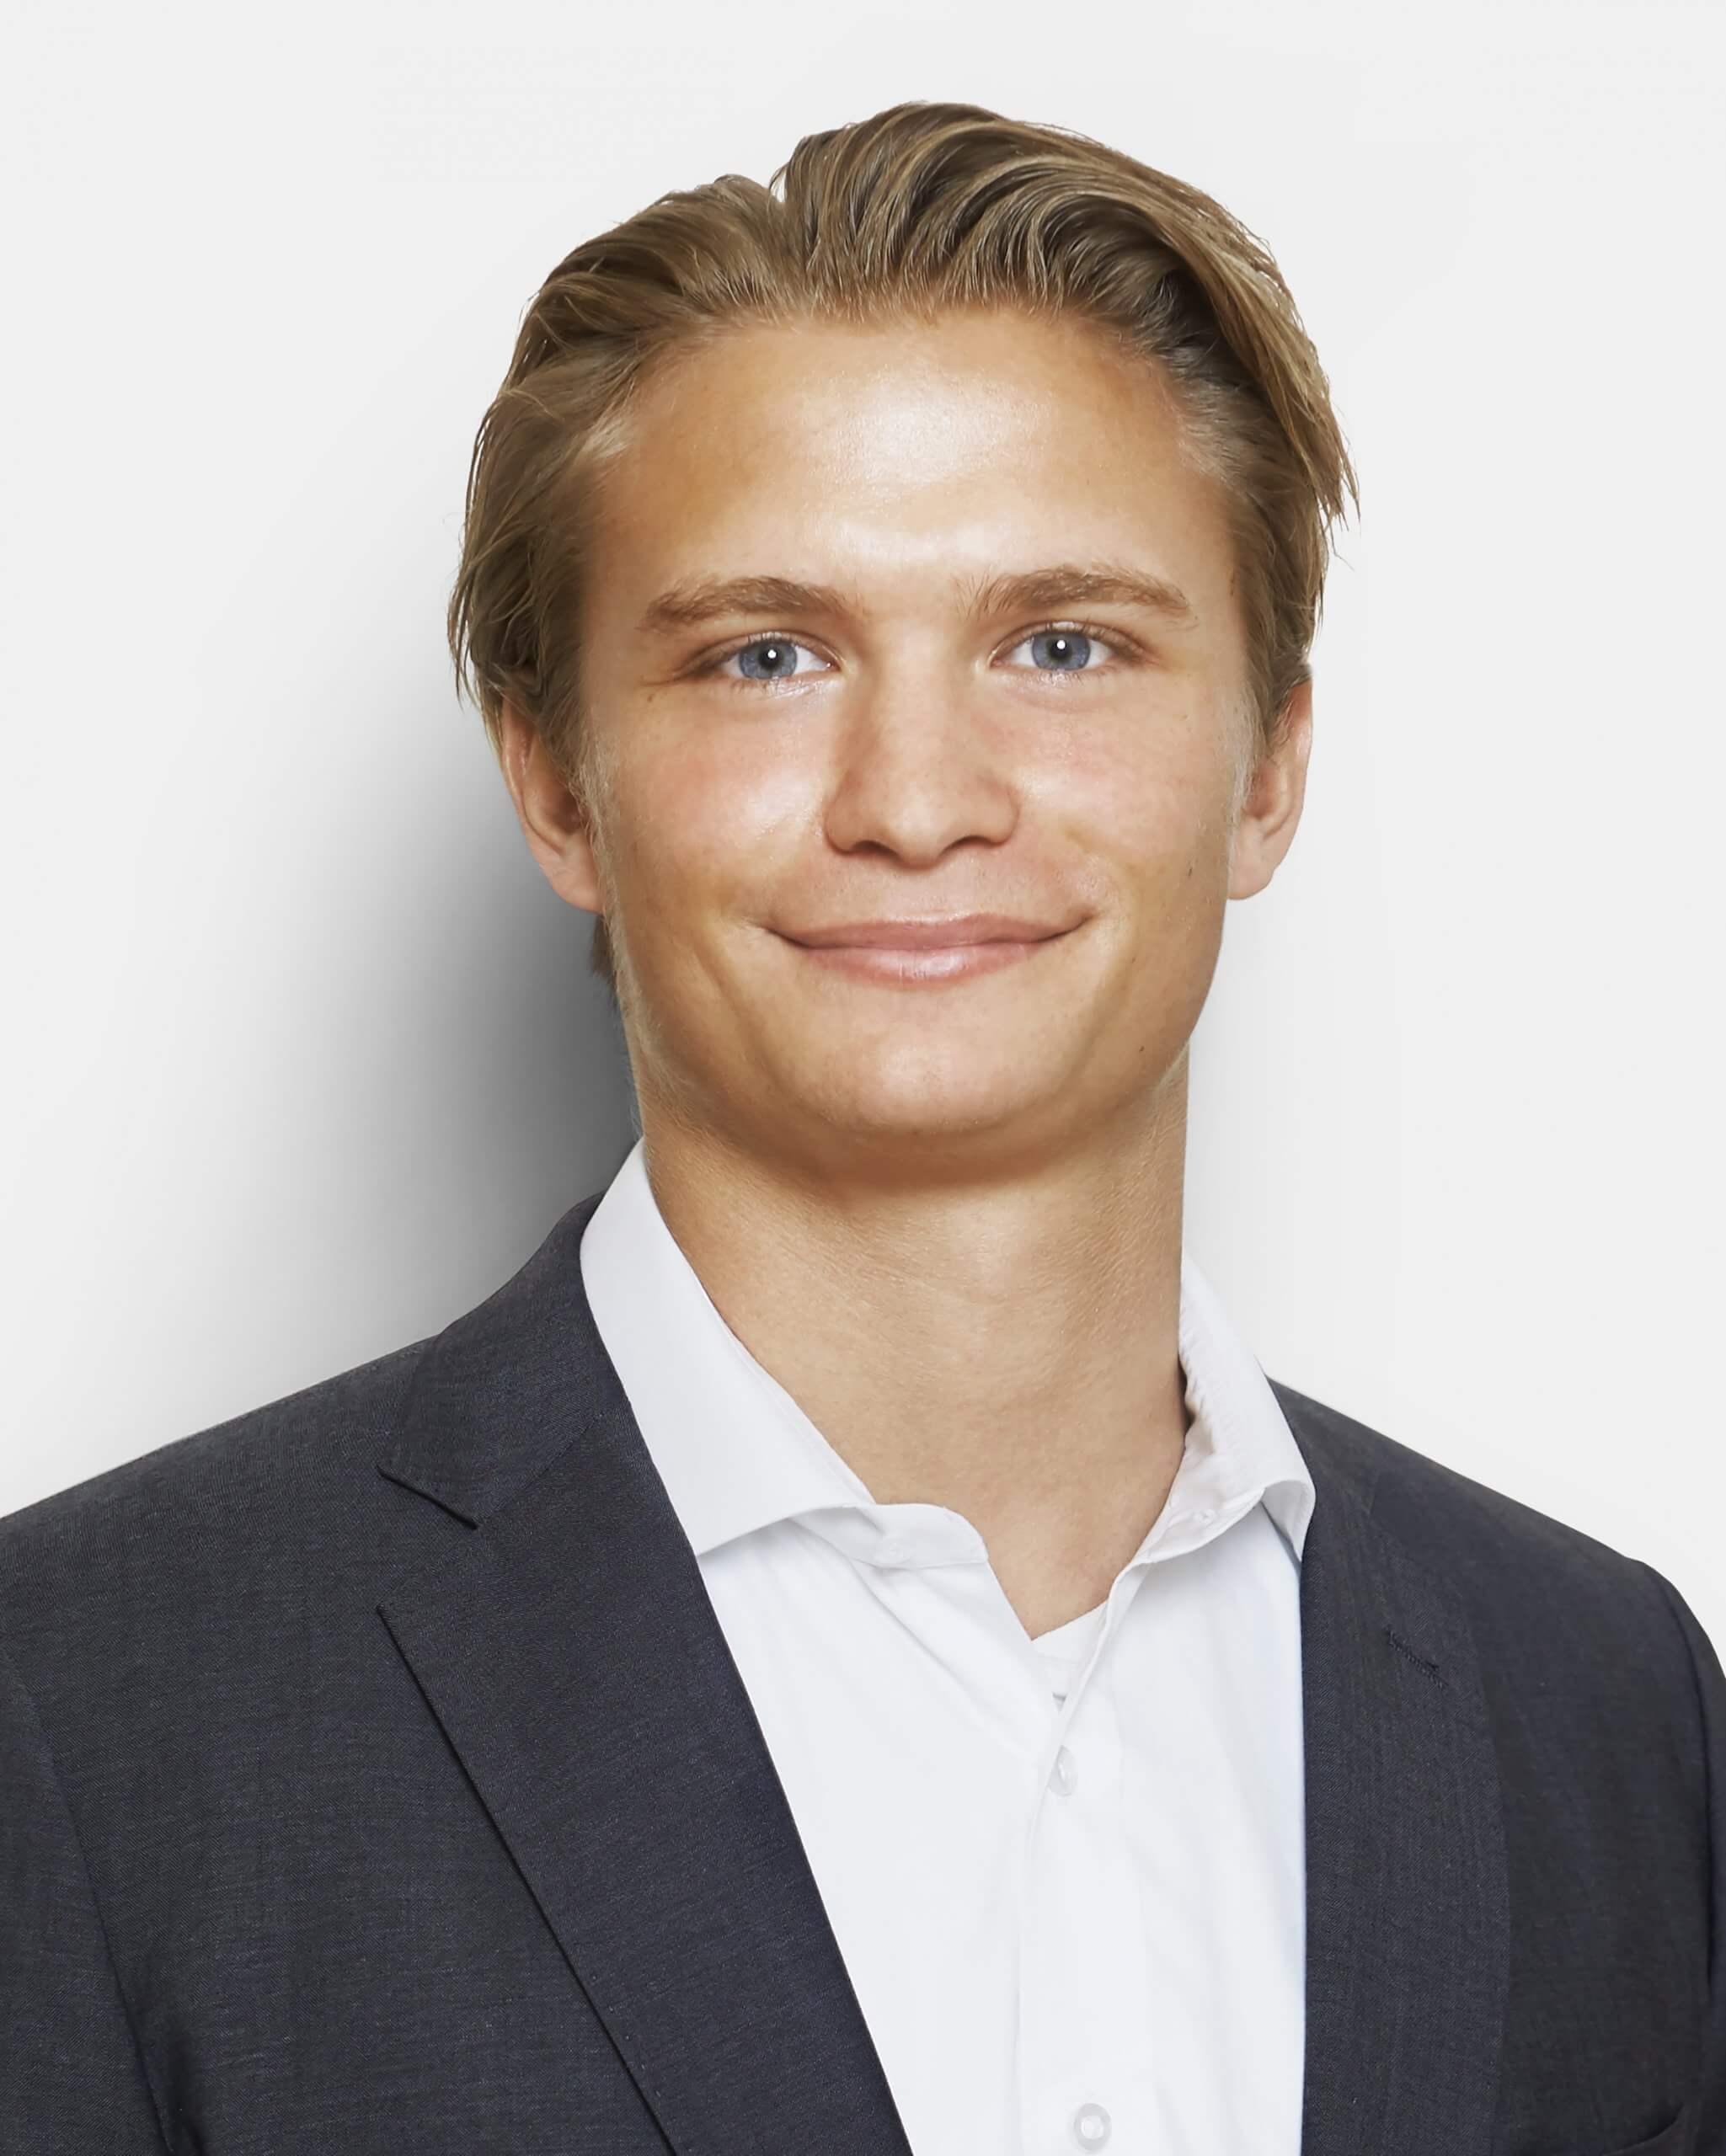 Sander Bastrup-Birk